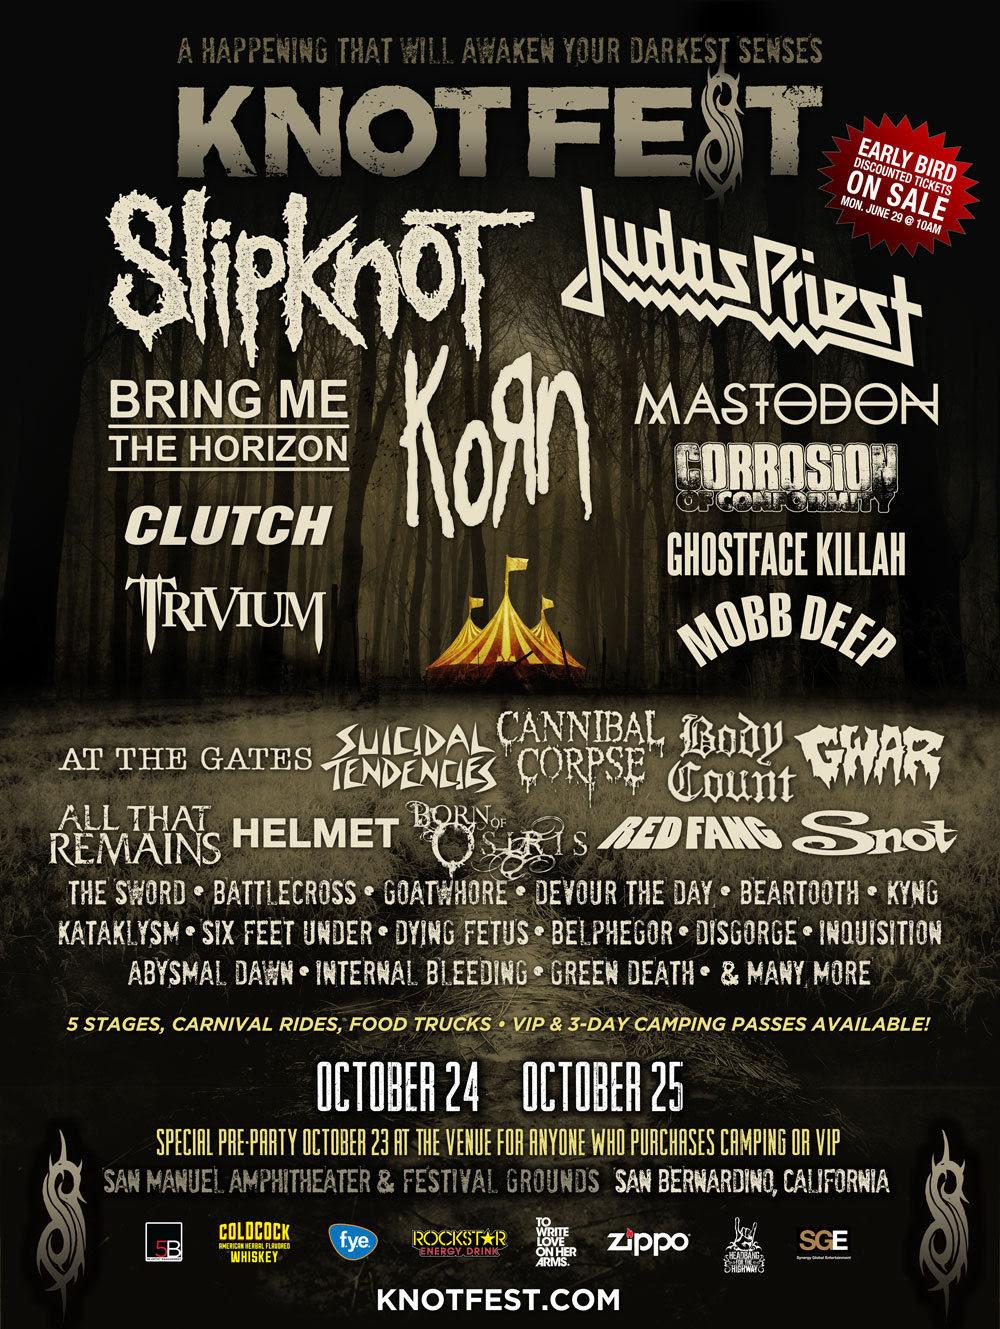 Knot Fest